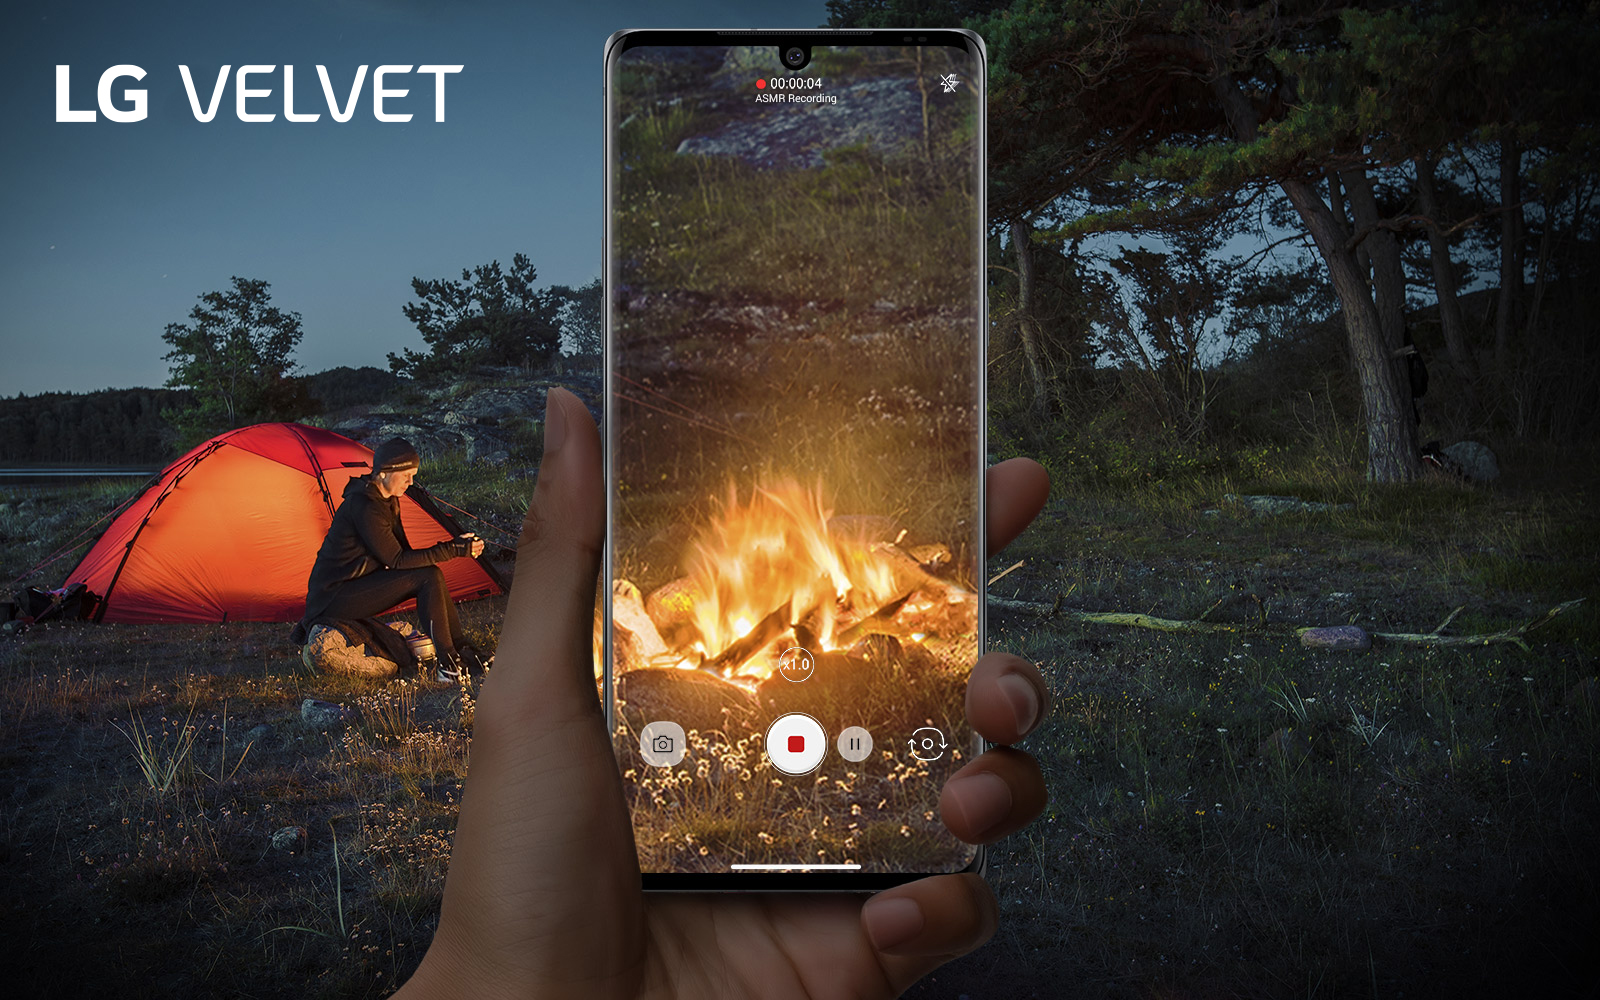 LG cierra su negocio global de telefonía móvil